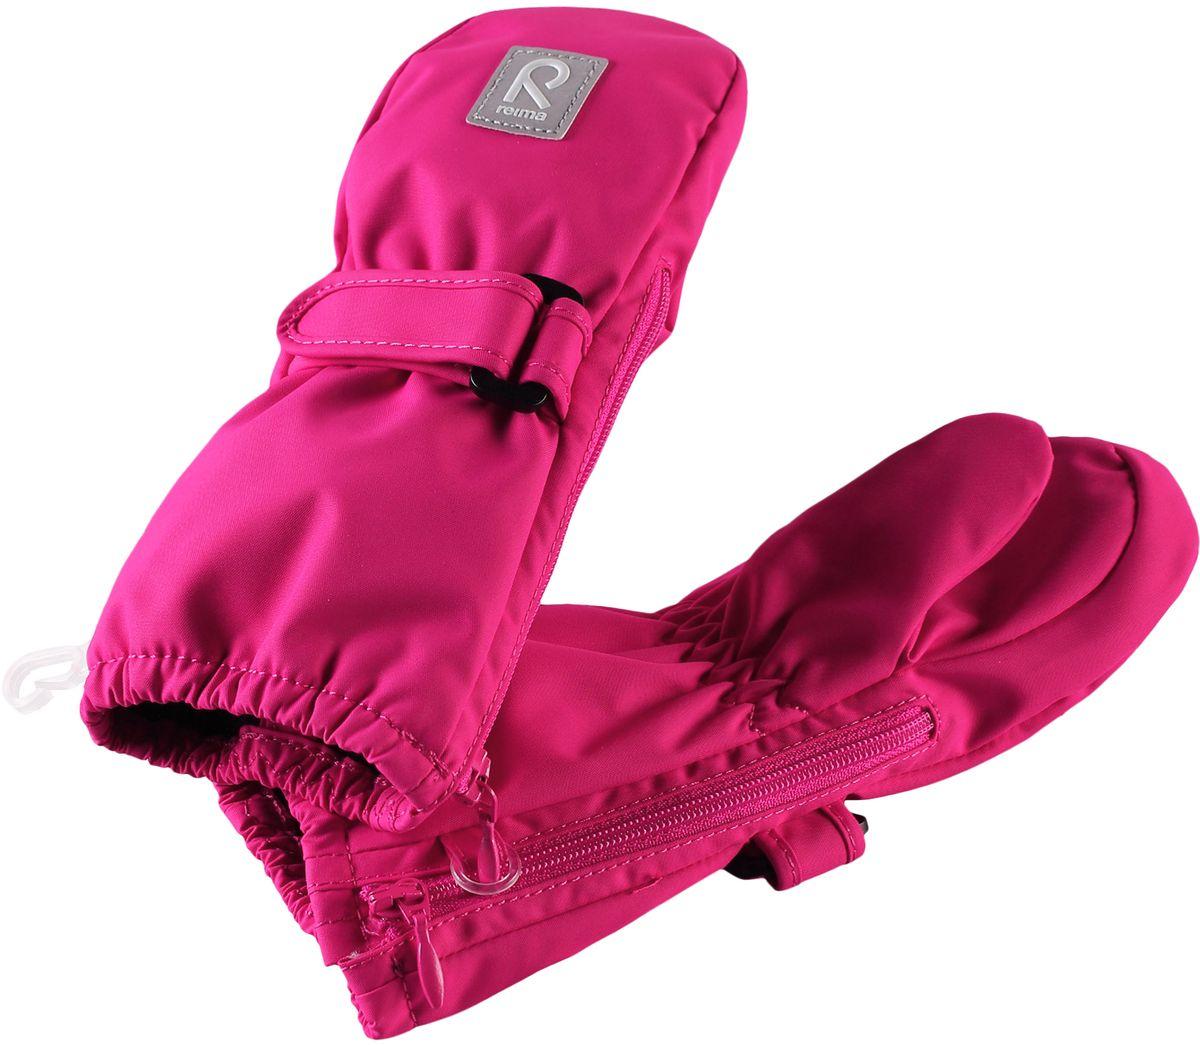 Варежки детские5171450740Эластичные, теплые и удобные варежки для активных малышей. Они защитят от брызг и небольшого дождика, так как изготовлены из водонепроницаемого материала. Благодаря застежке на молнии их невероятно легко надевать! Легкое утепление согреет в прохладную весеннюю и осеннюю погоду.